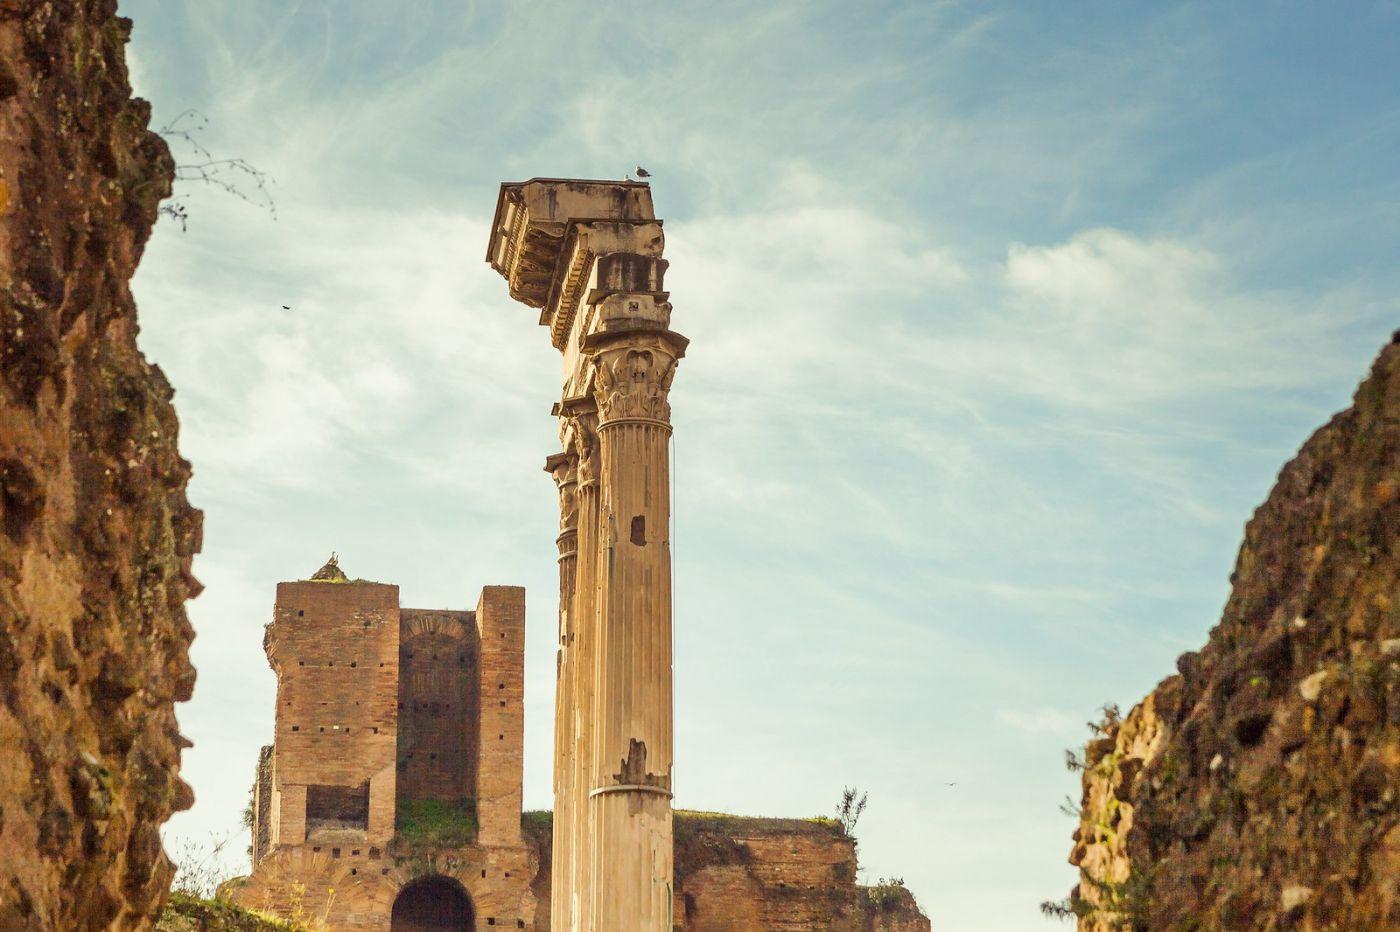 意大利罗马论坛,二千年的历史_图1-4